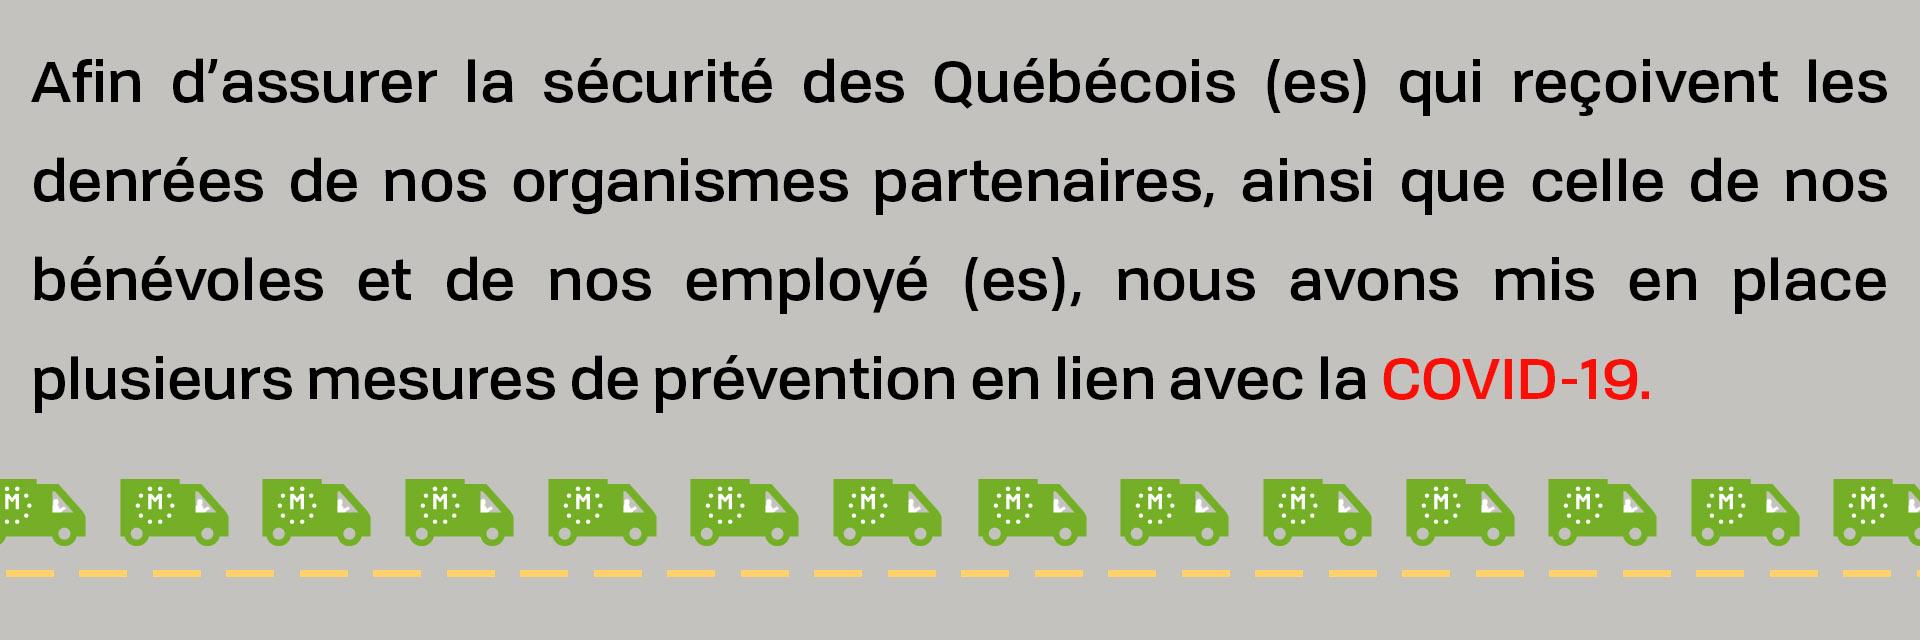 Nouvelles sur la situation de Moisson Montréal face aux COVID